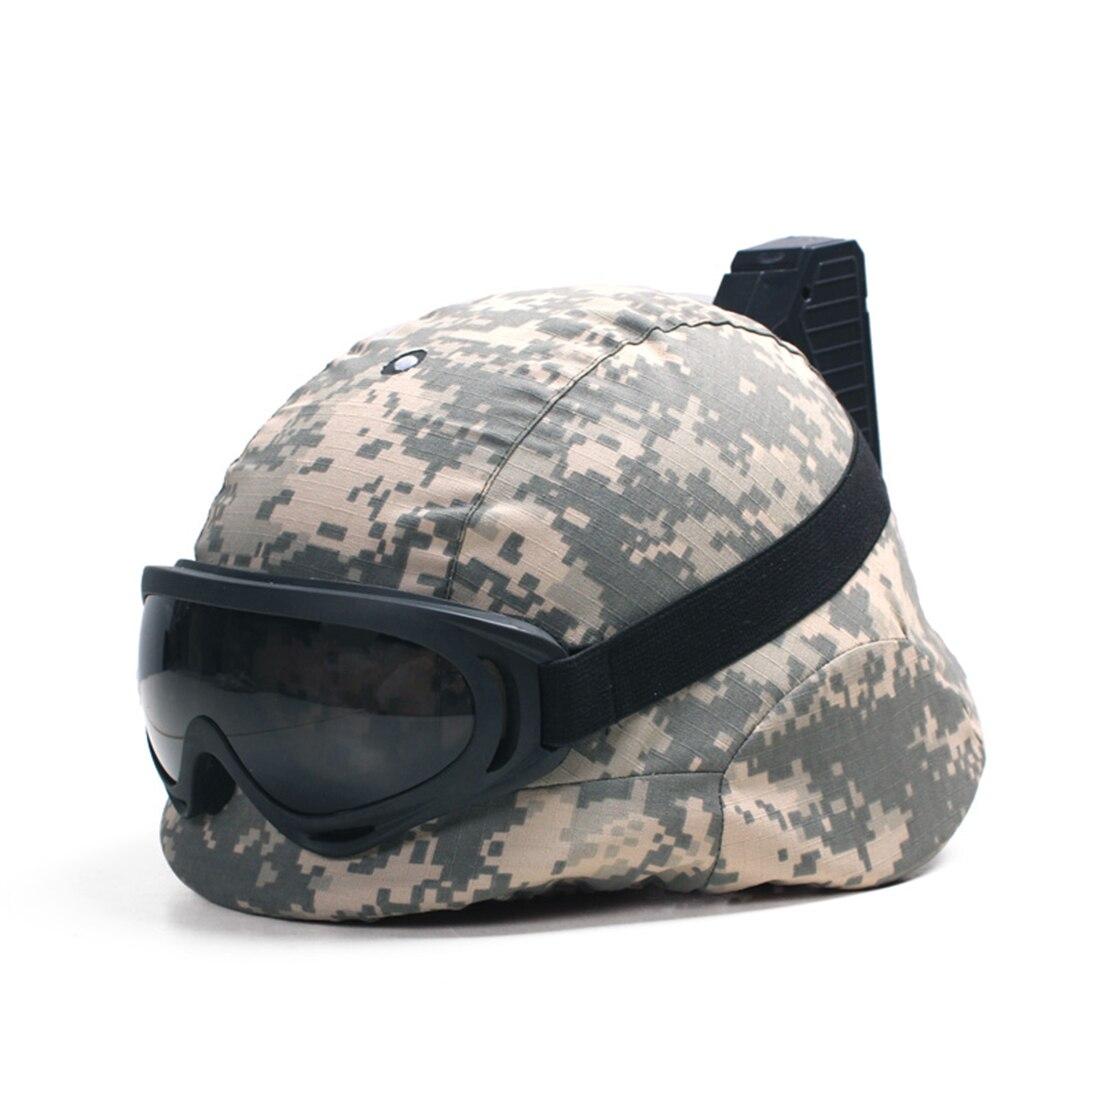 Surwish femmes unique lampe casque déterminer Induction casque avec tissu ombre et lunettes pour CS Gel d'eau perles Blaster bataille